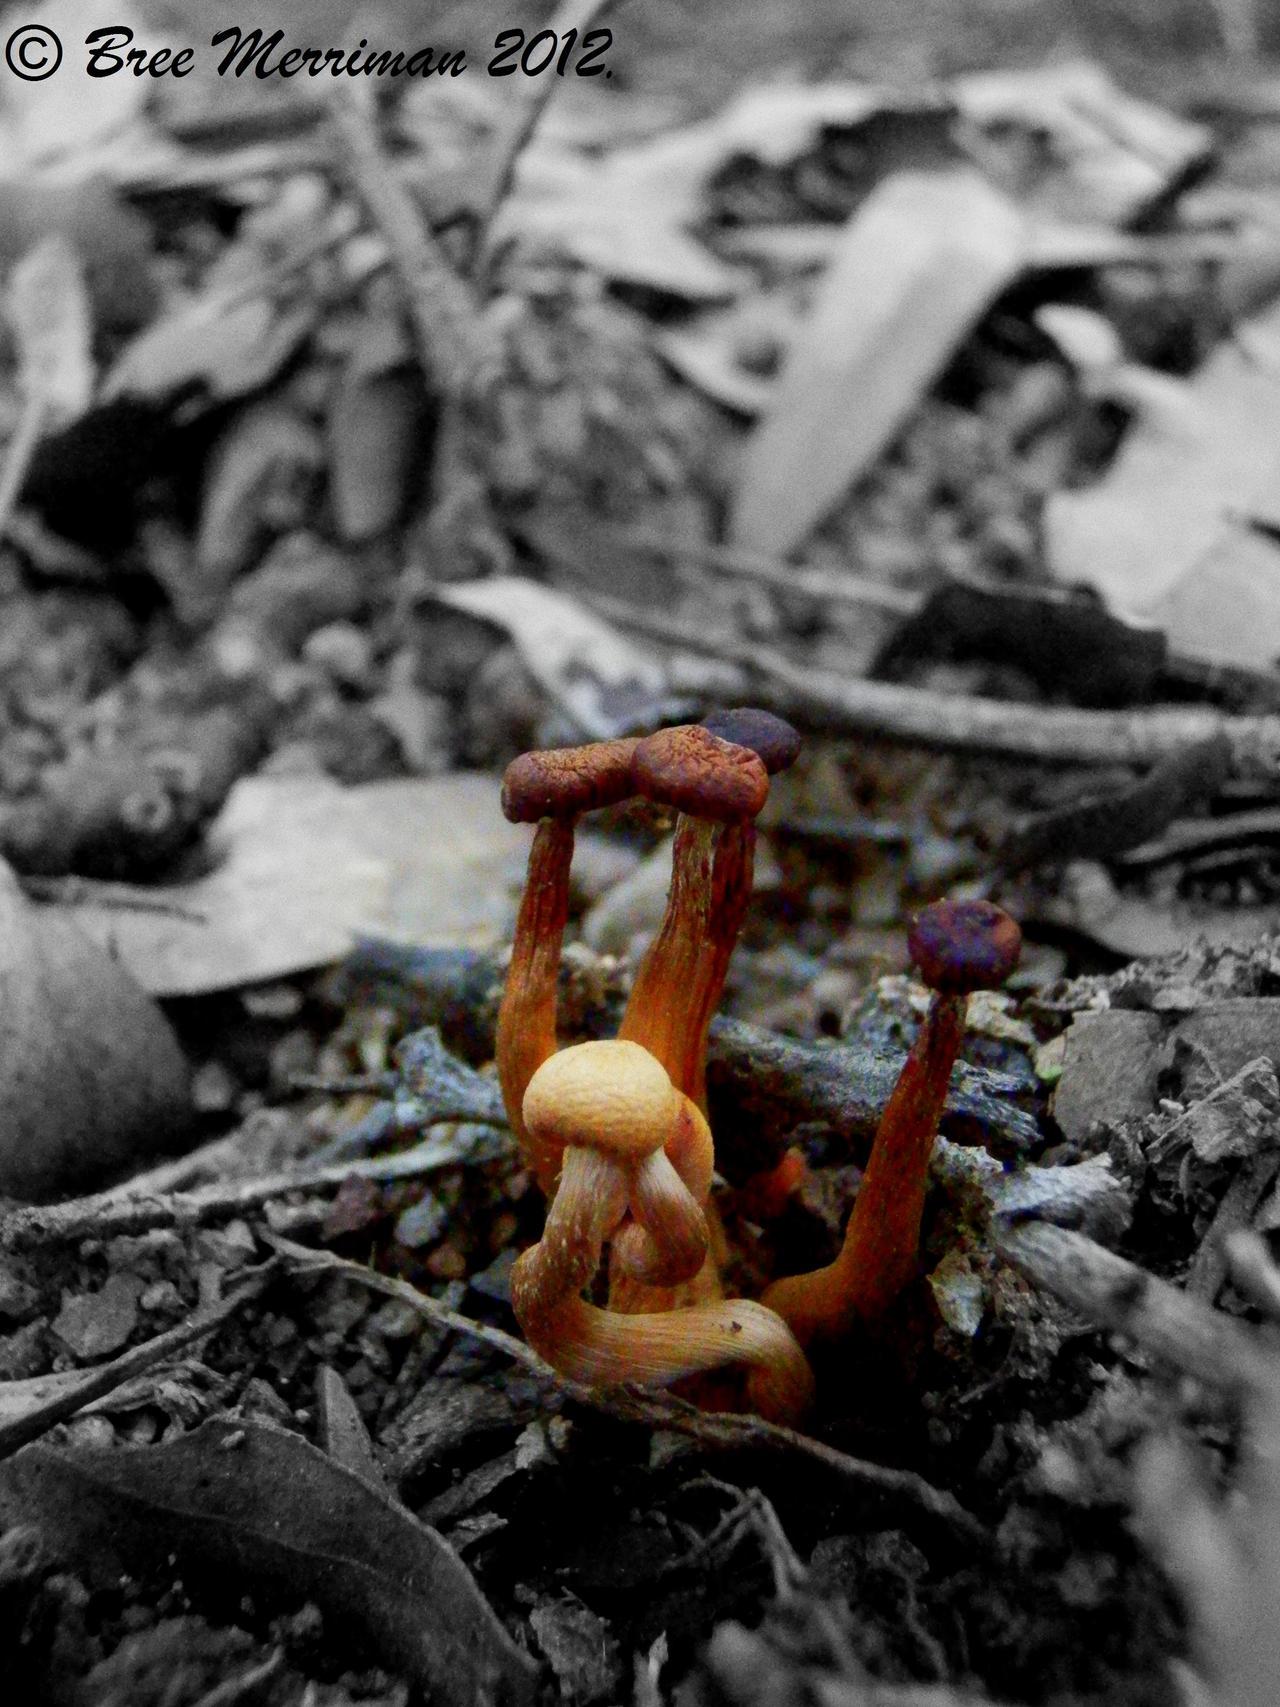 Fungus III by BreeSpawn